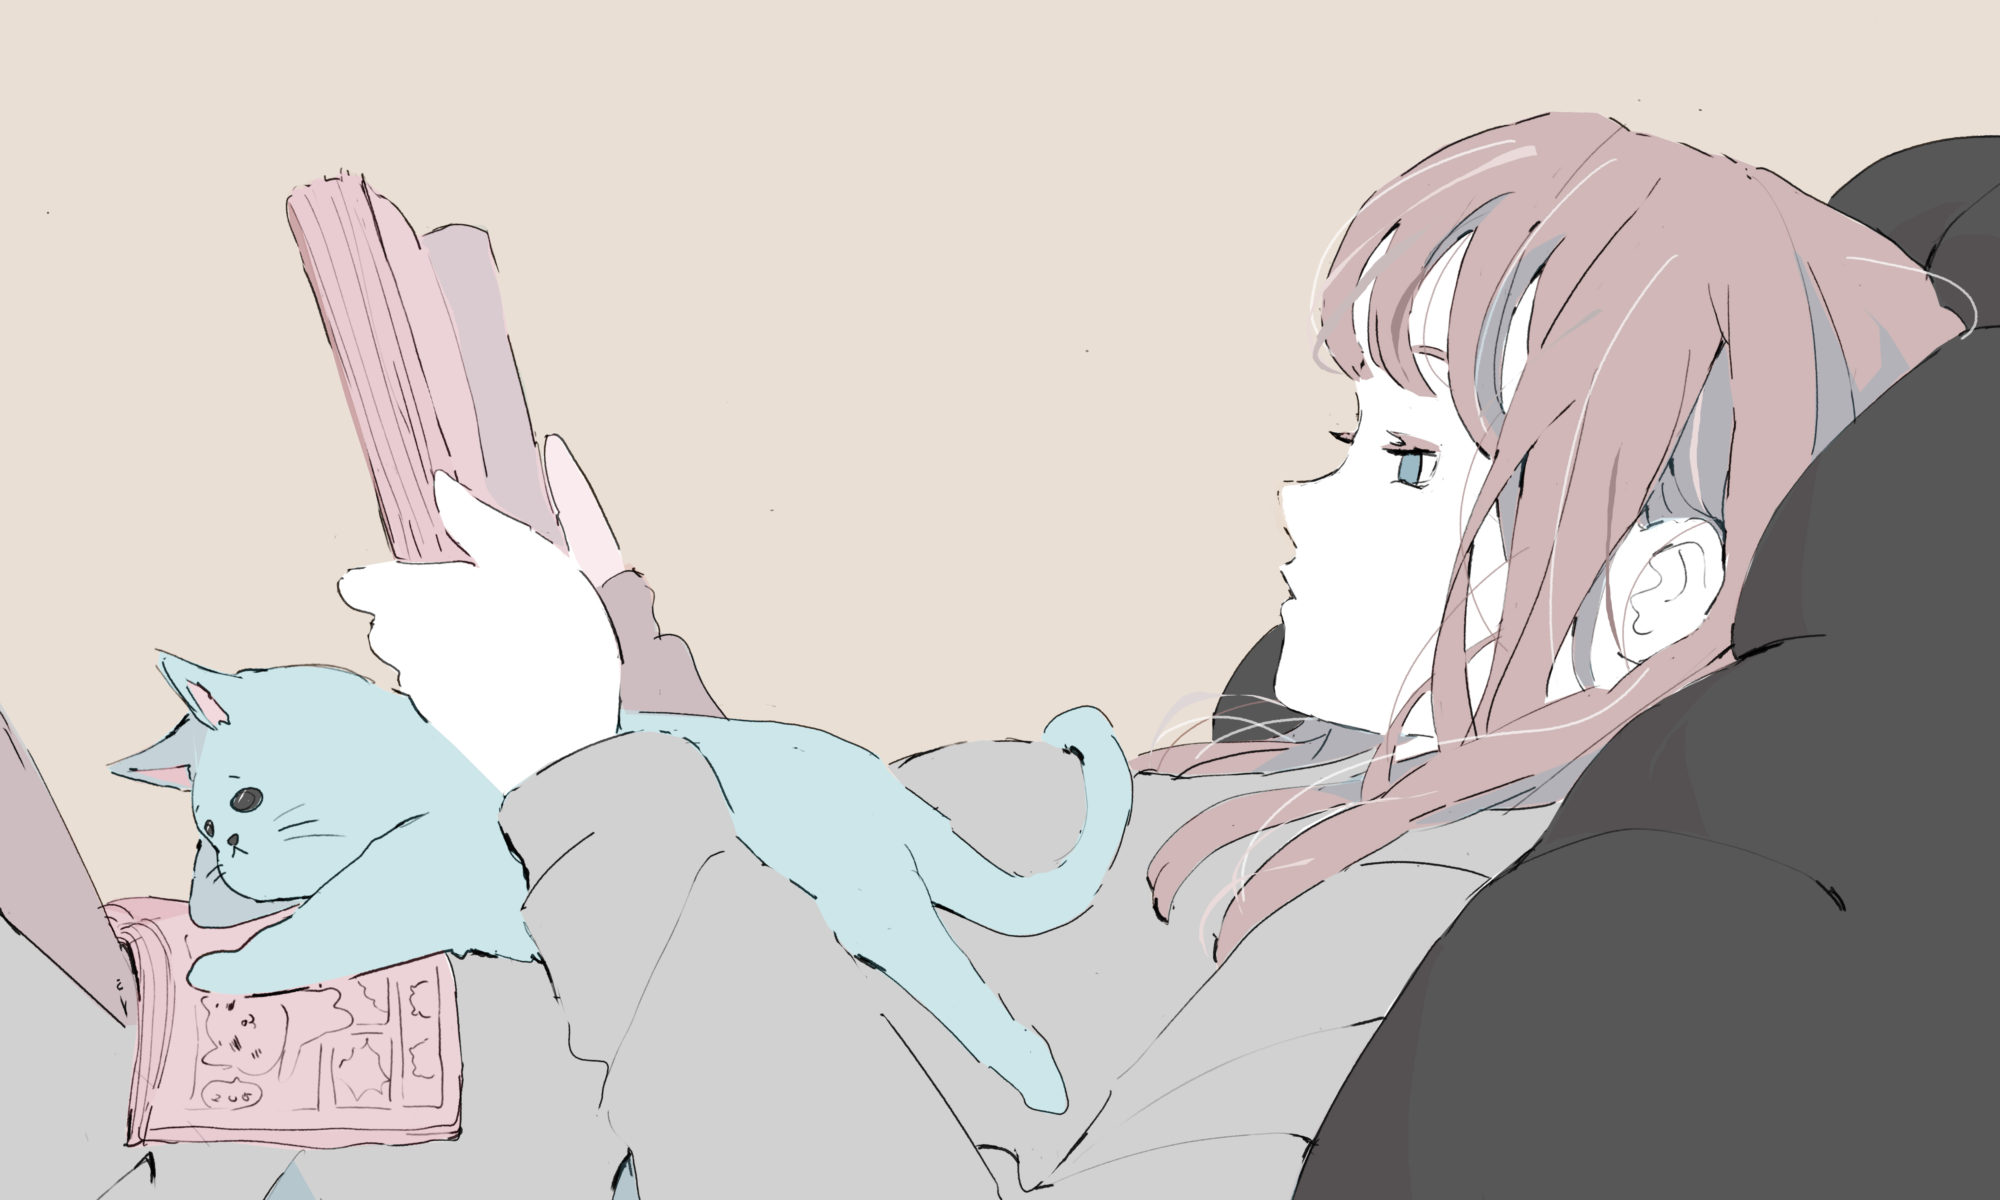 本を読みながらくつろぐ女の子と猫のイラスト